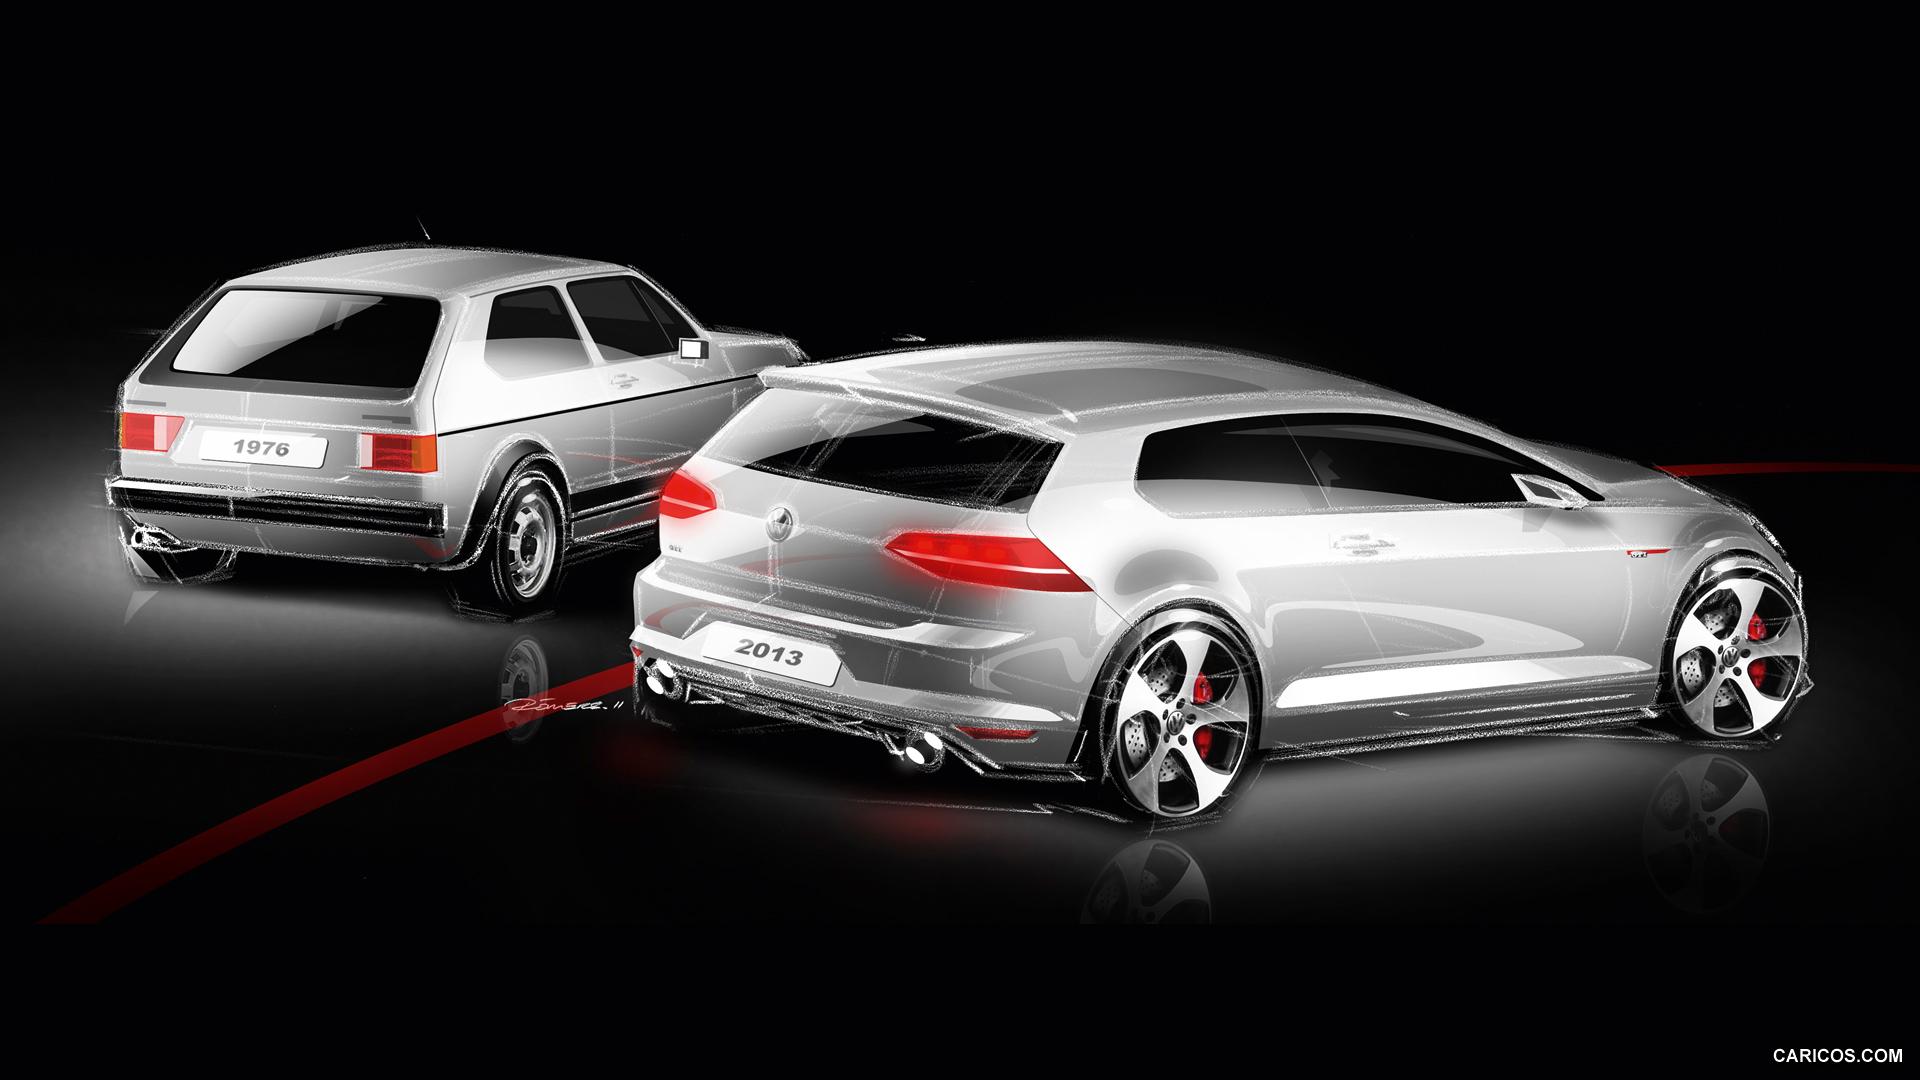 Gti Interior Volkswagen Golf GTI VII 2015   Design Sketch Wallpaper 1920x1080